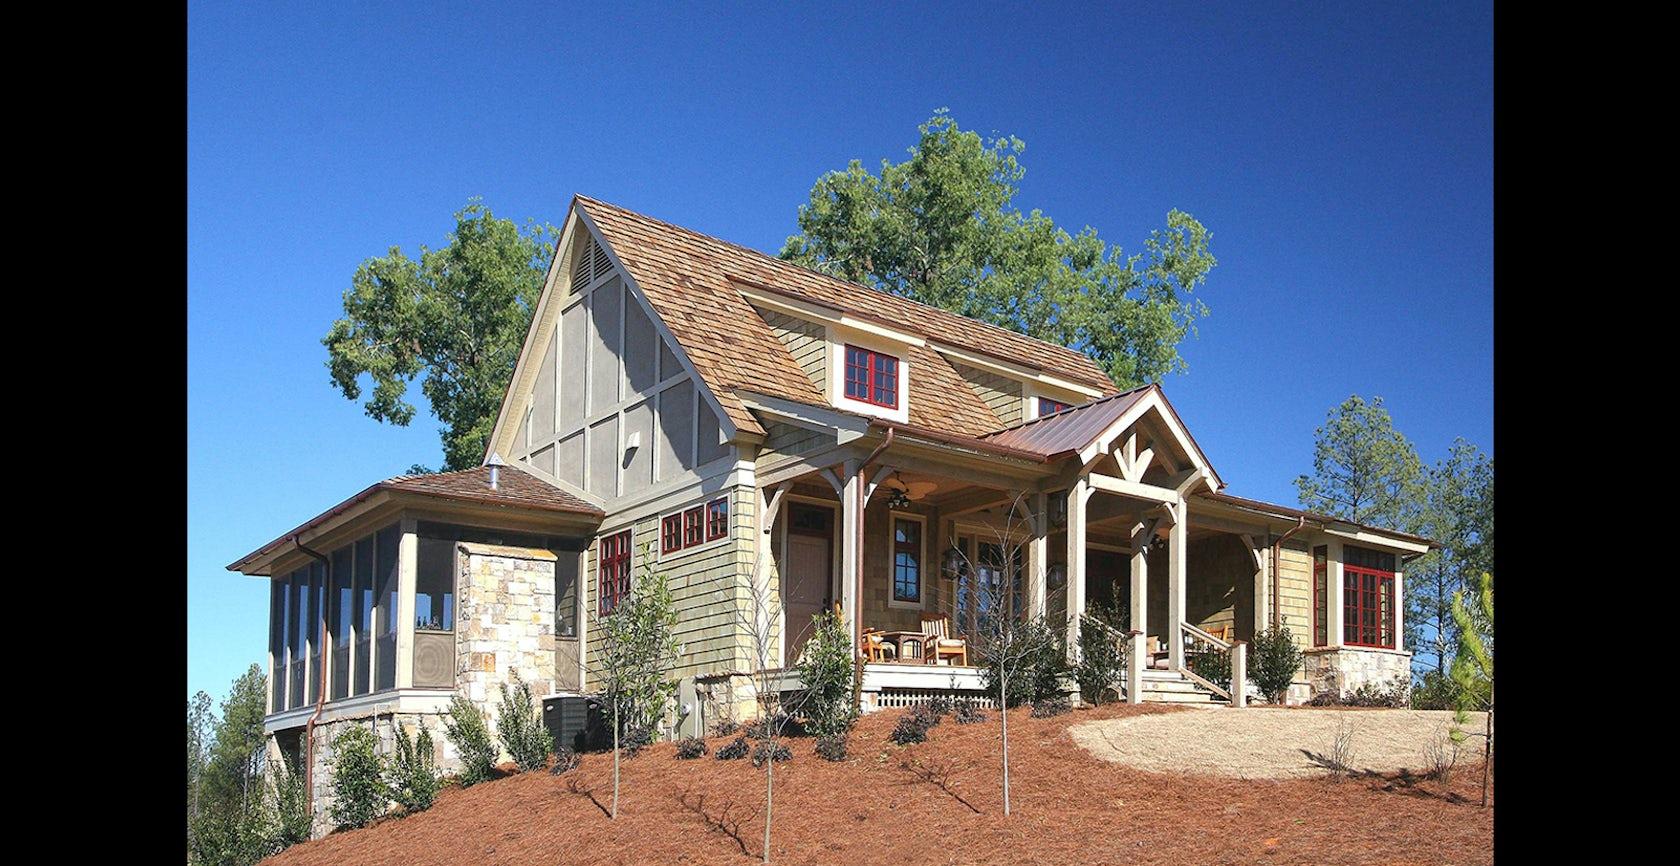 Creek Club Cottage Reynolds Plantation Ga Architizer